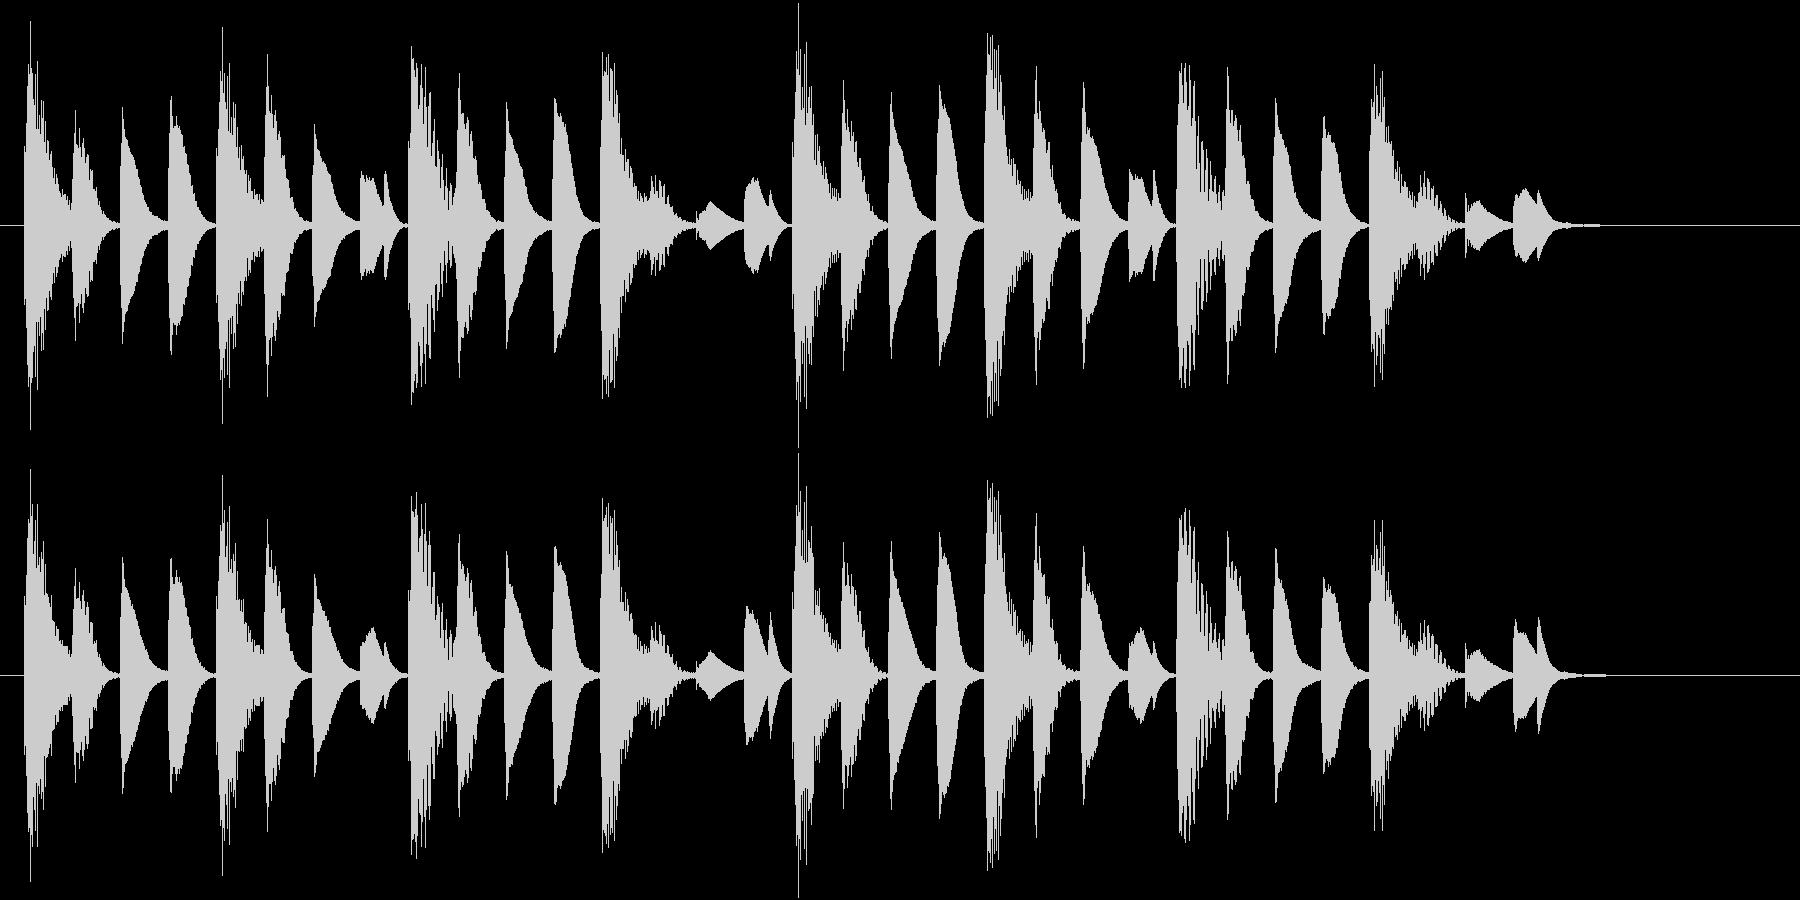 ほのぼのとした場面に使えるジングルの未再生の波形